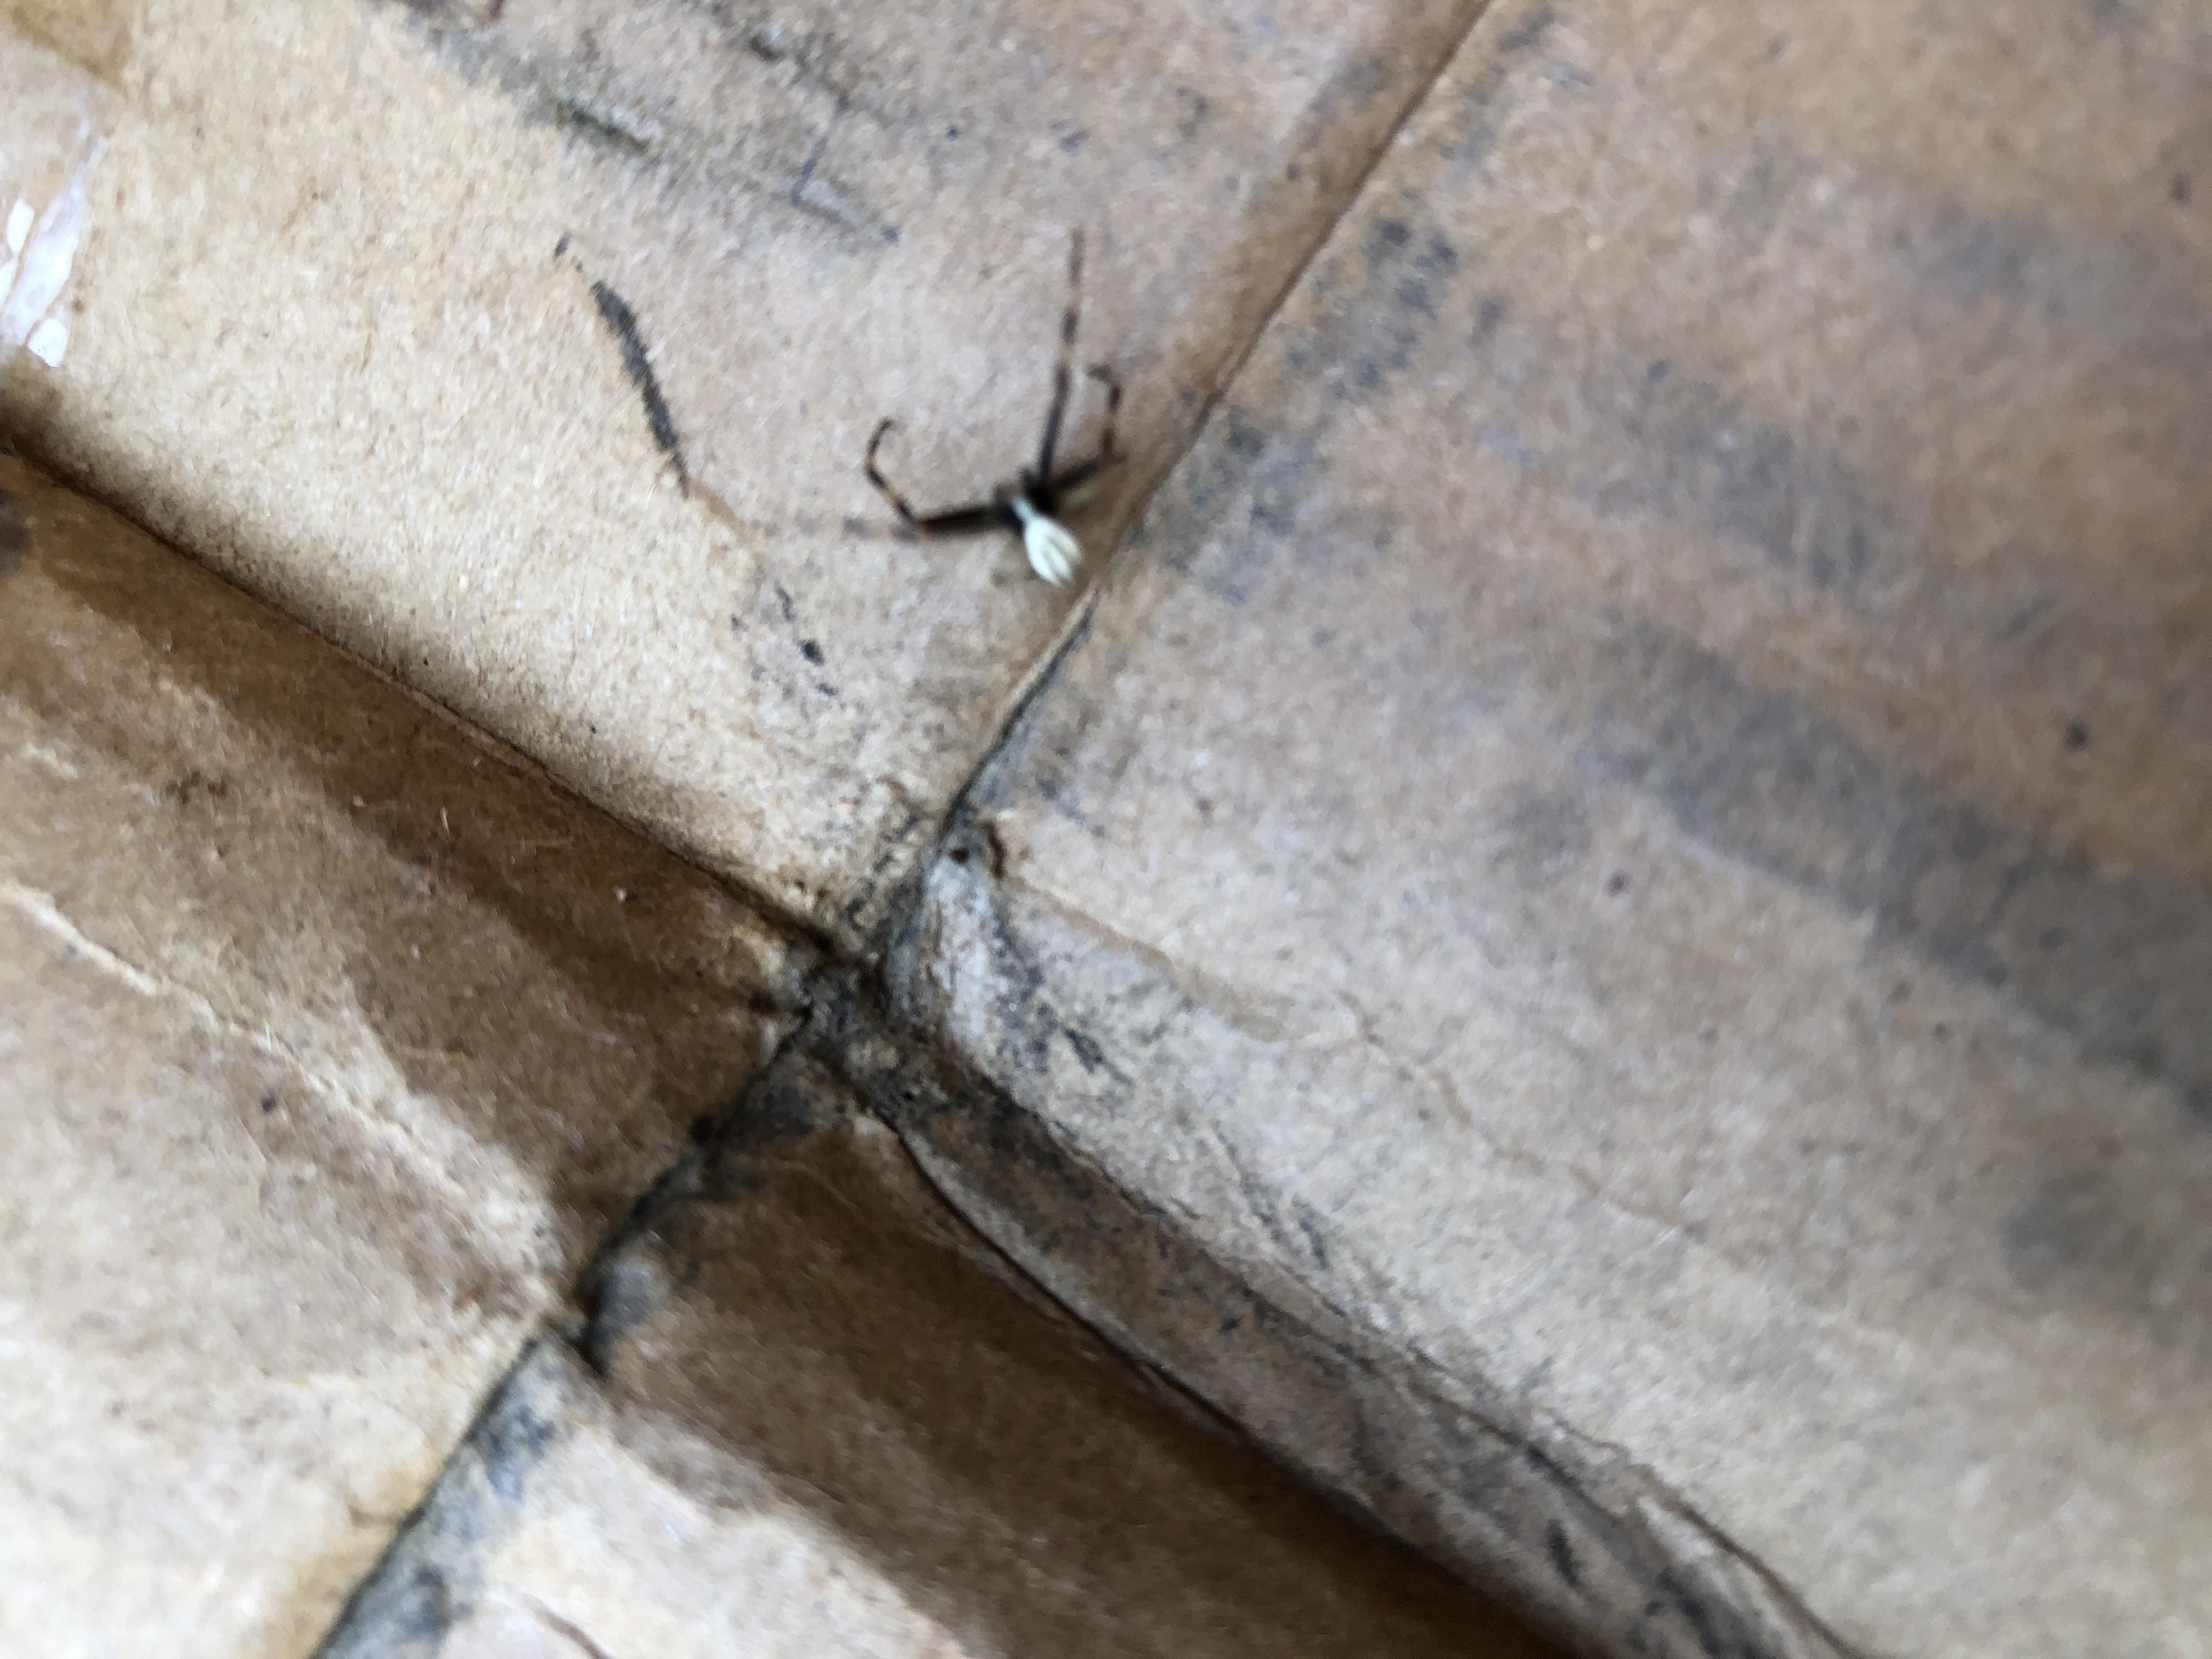 Picture of Misumena vatia (Golden-rod Crab Spider) - Male - Dorsal